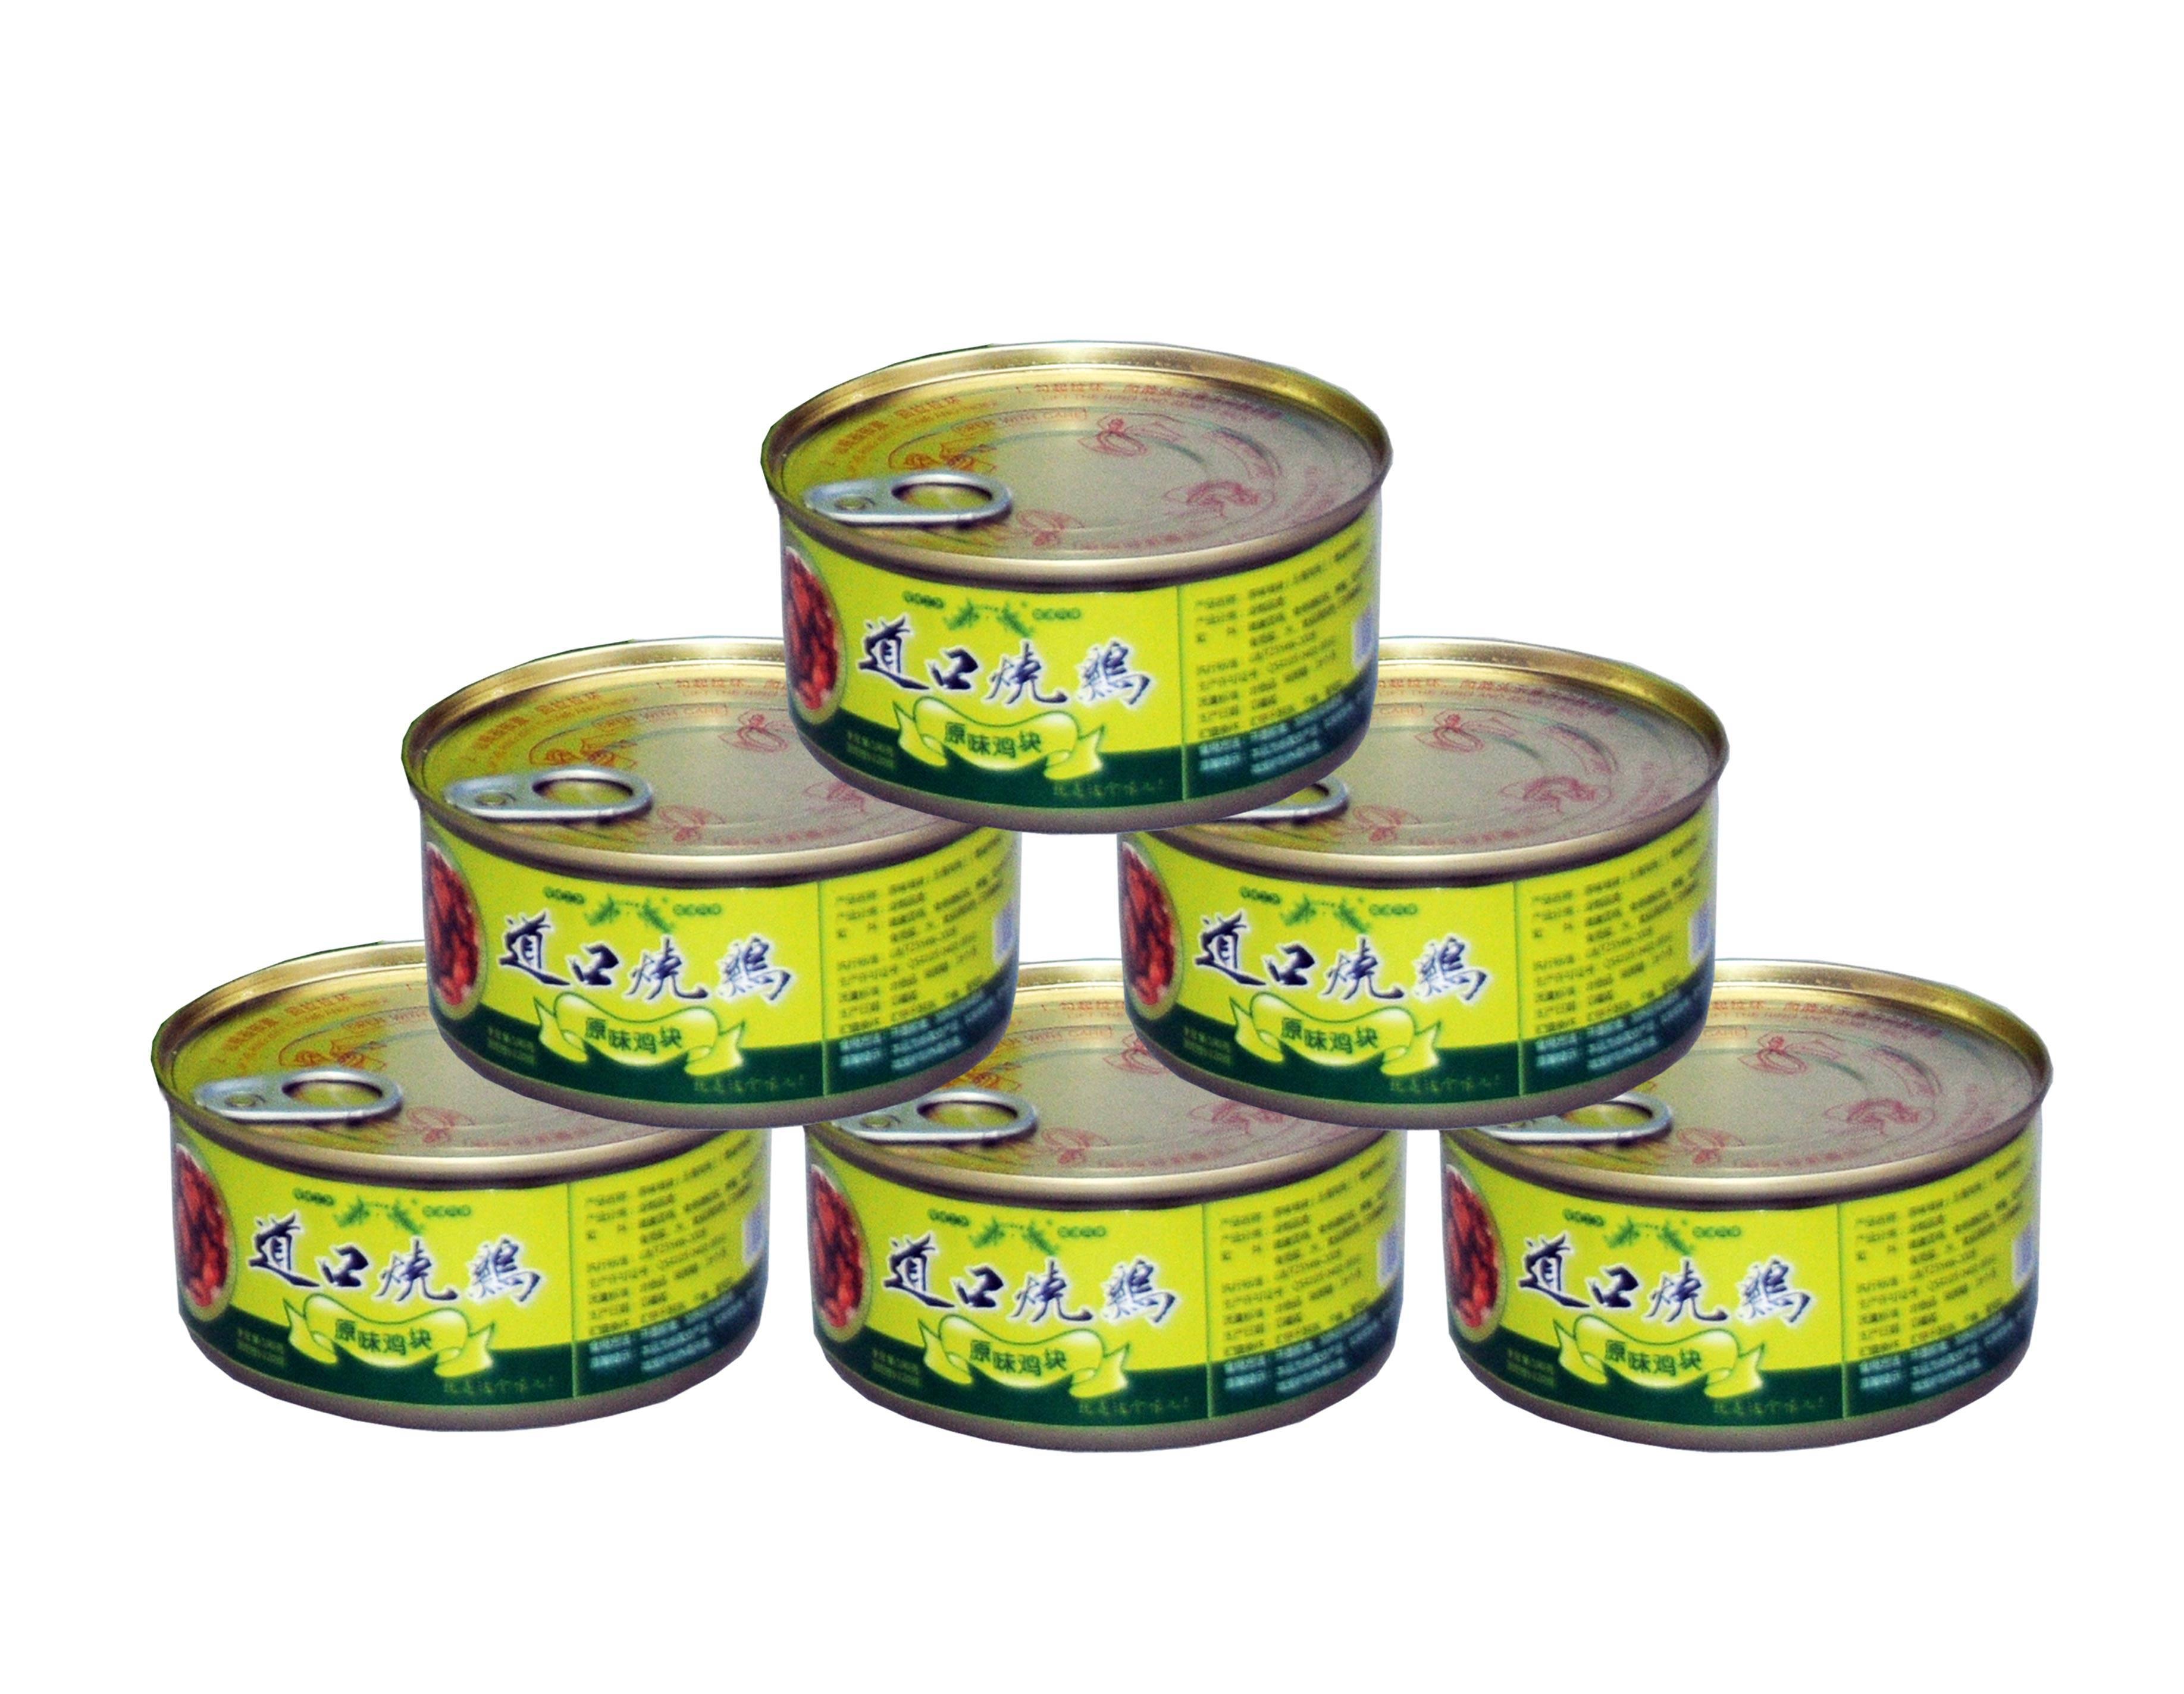 【邮乐河南】義興張 九代张文献 原味鸡块 鸡肉罐头 2罐装 包邮